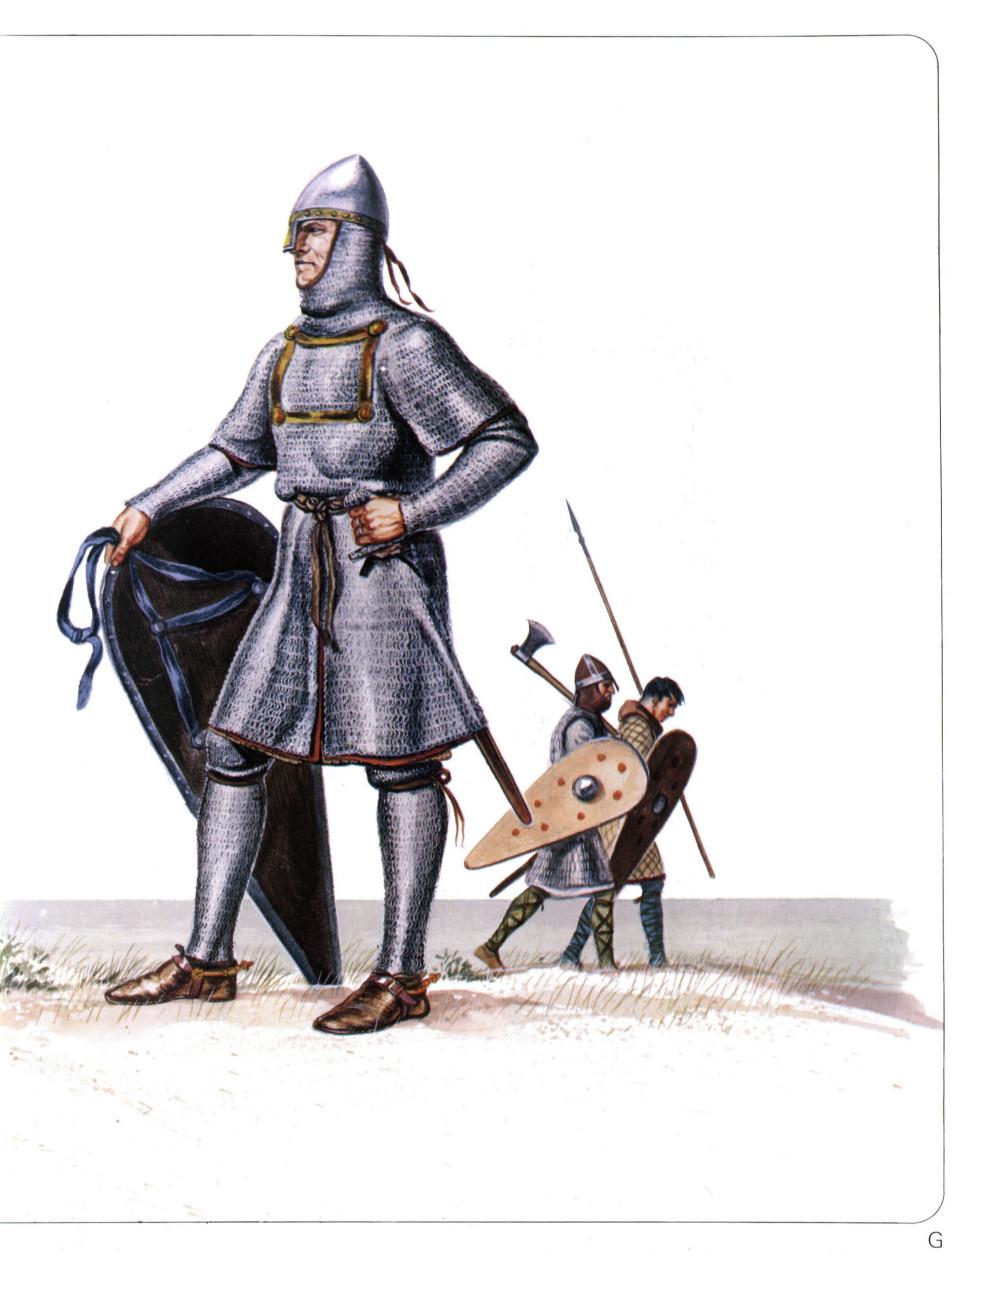 使用风筝盾的骑士